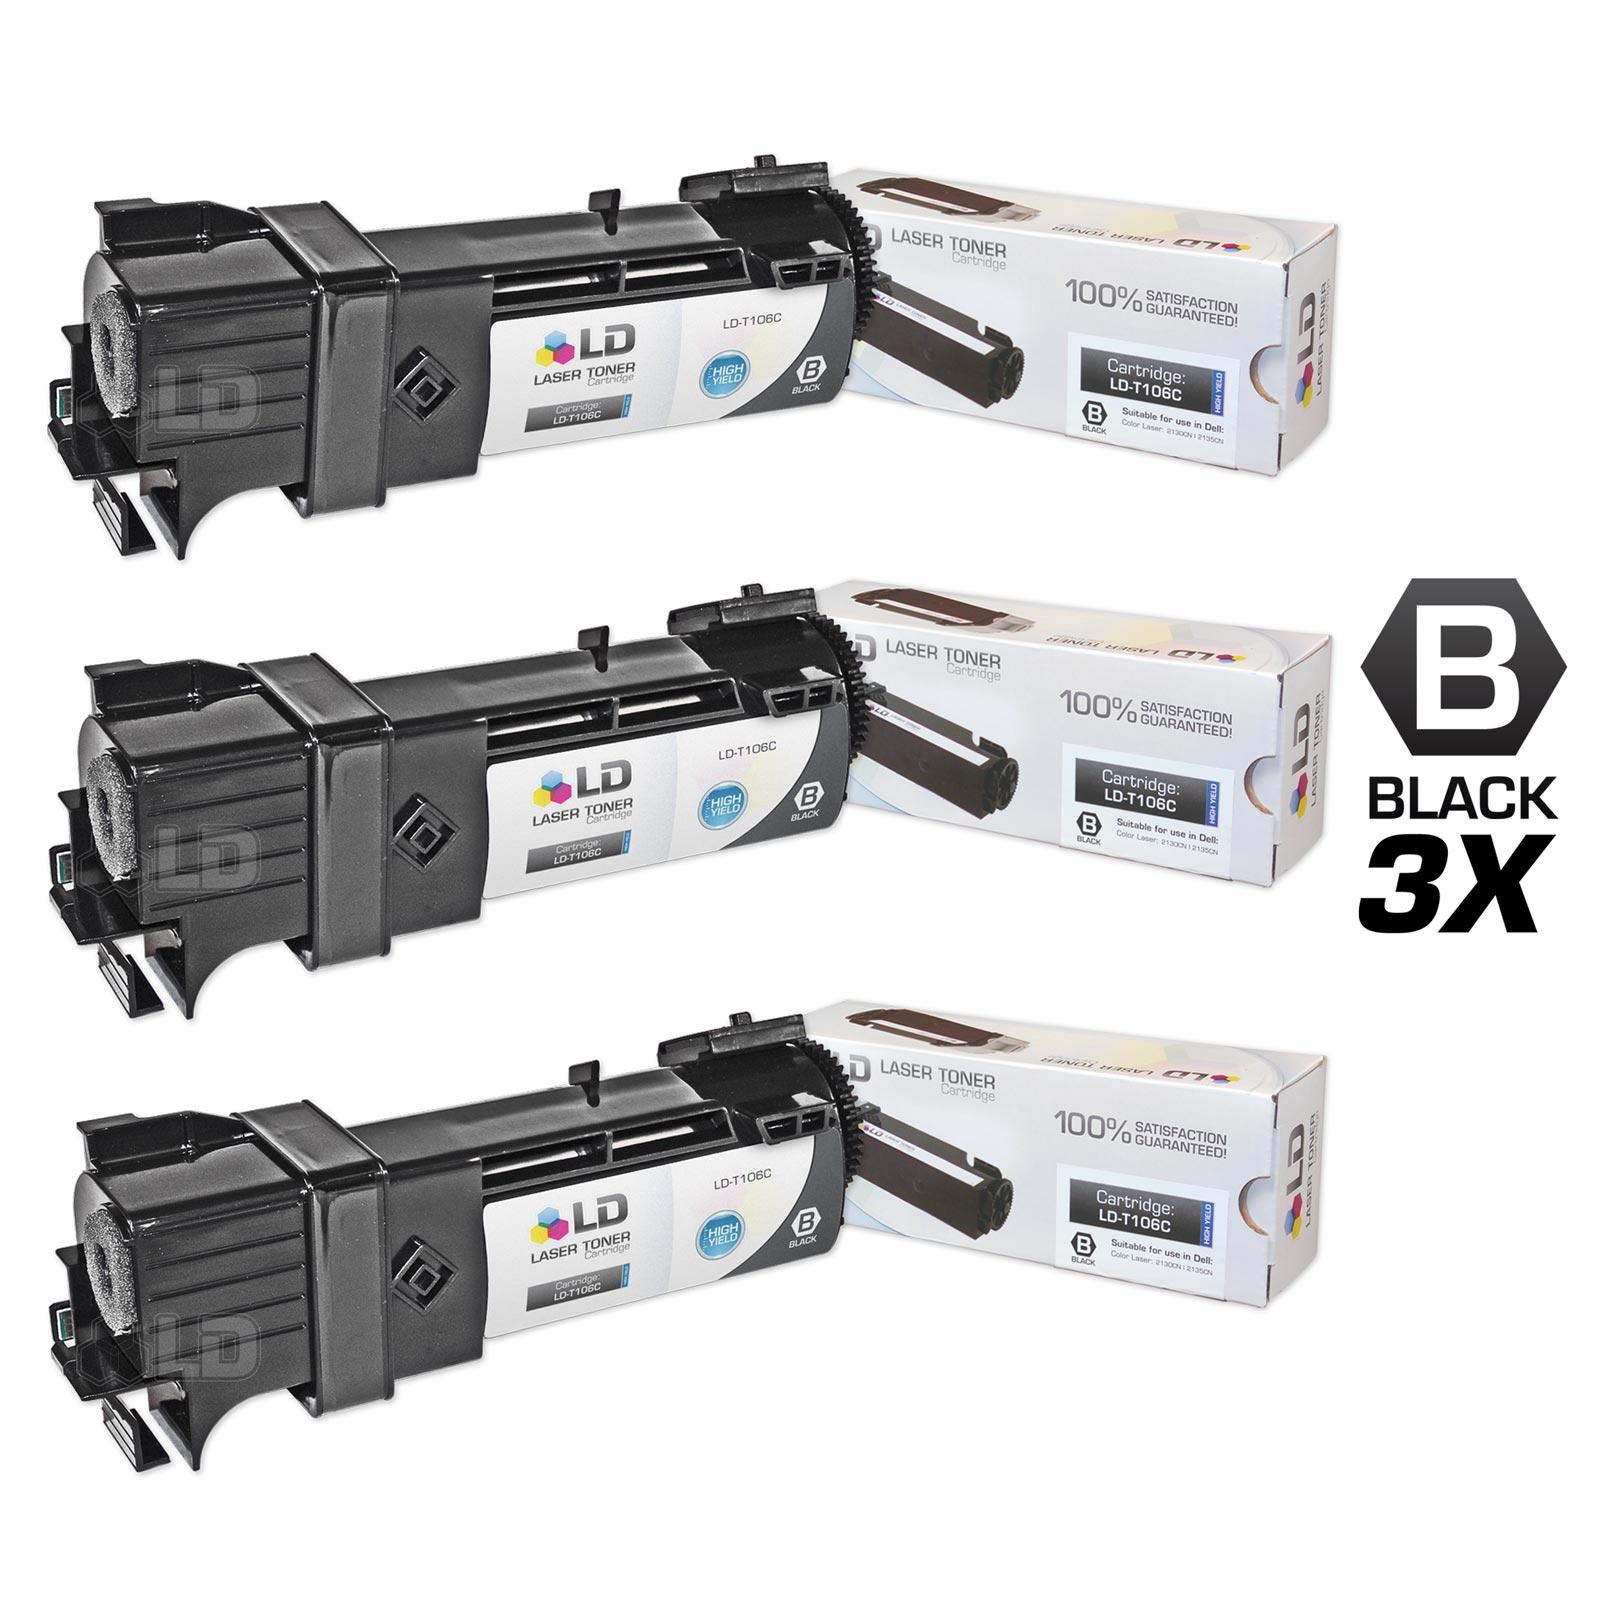 LD Compatible Dell 2135cn Set of 3 High-Yield Black Toner Cartridges (T106C / FM064) for Color Laser 2130cn